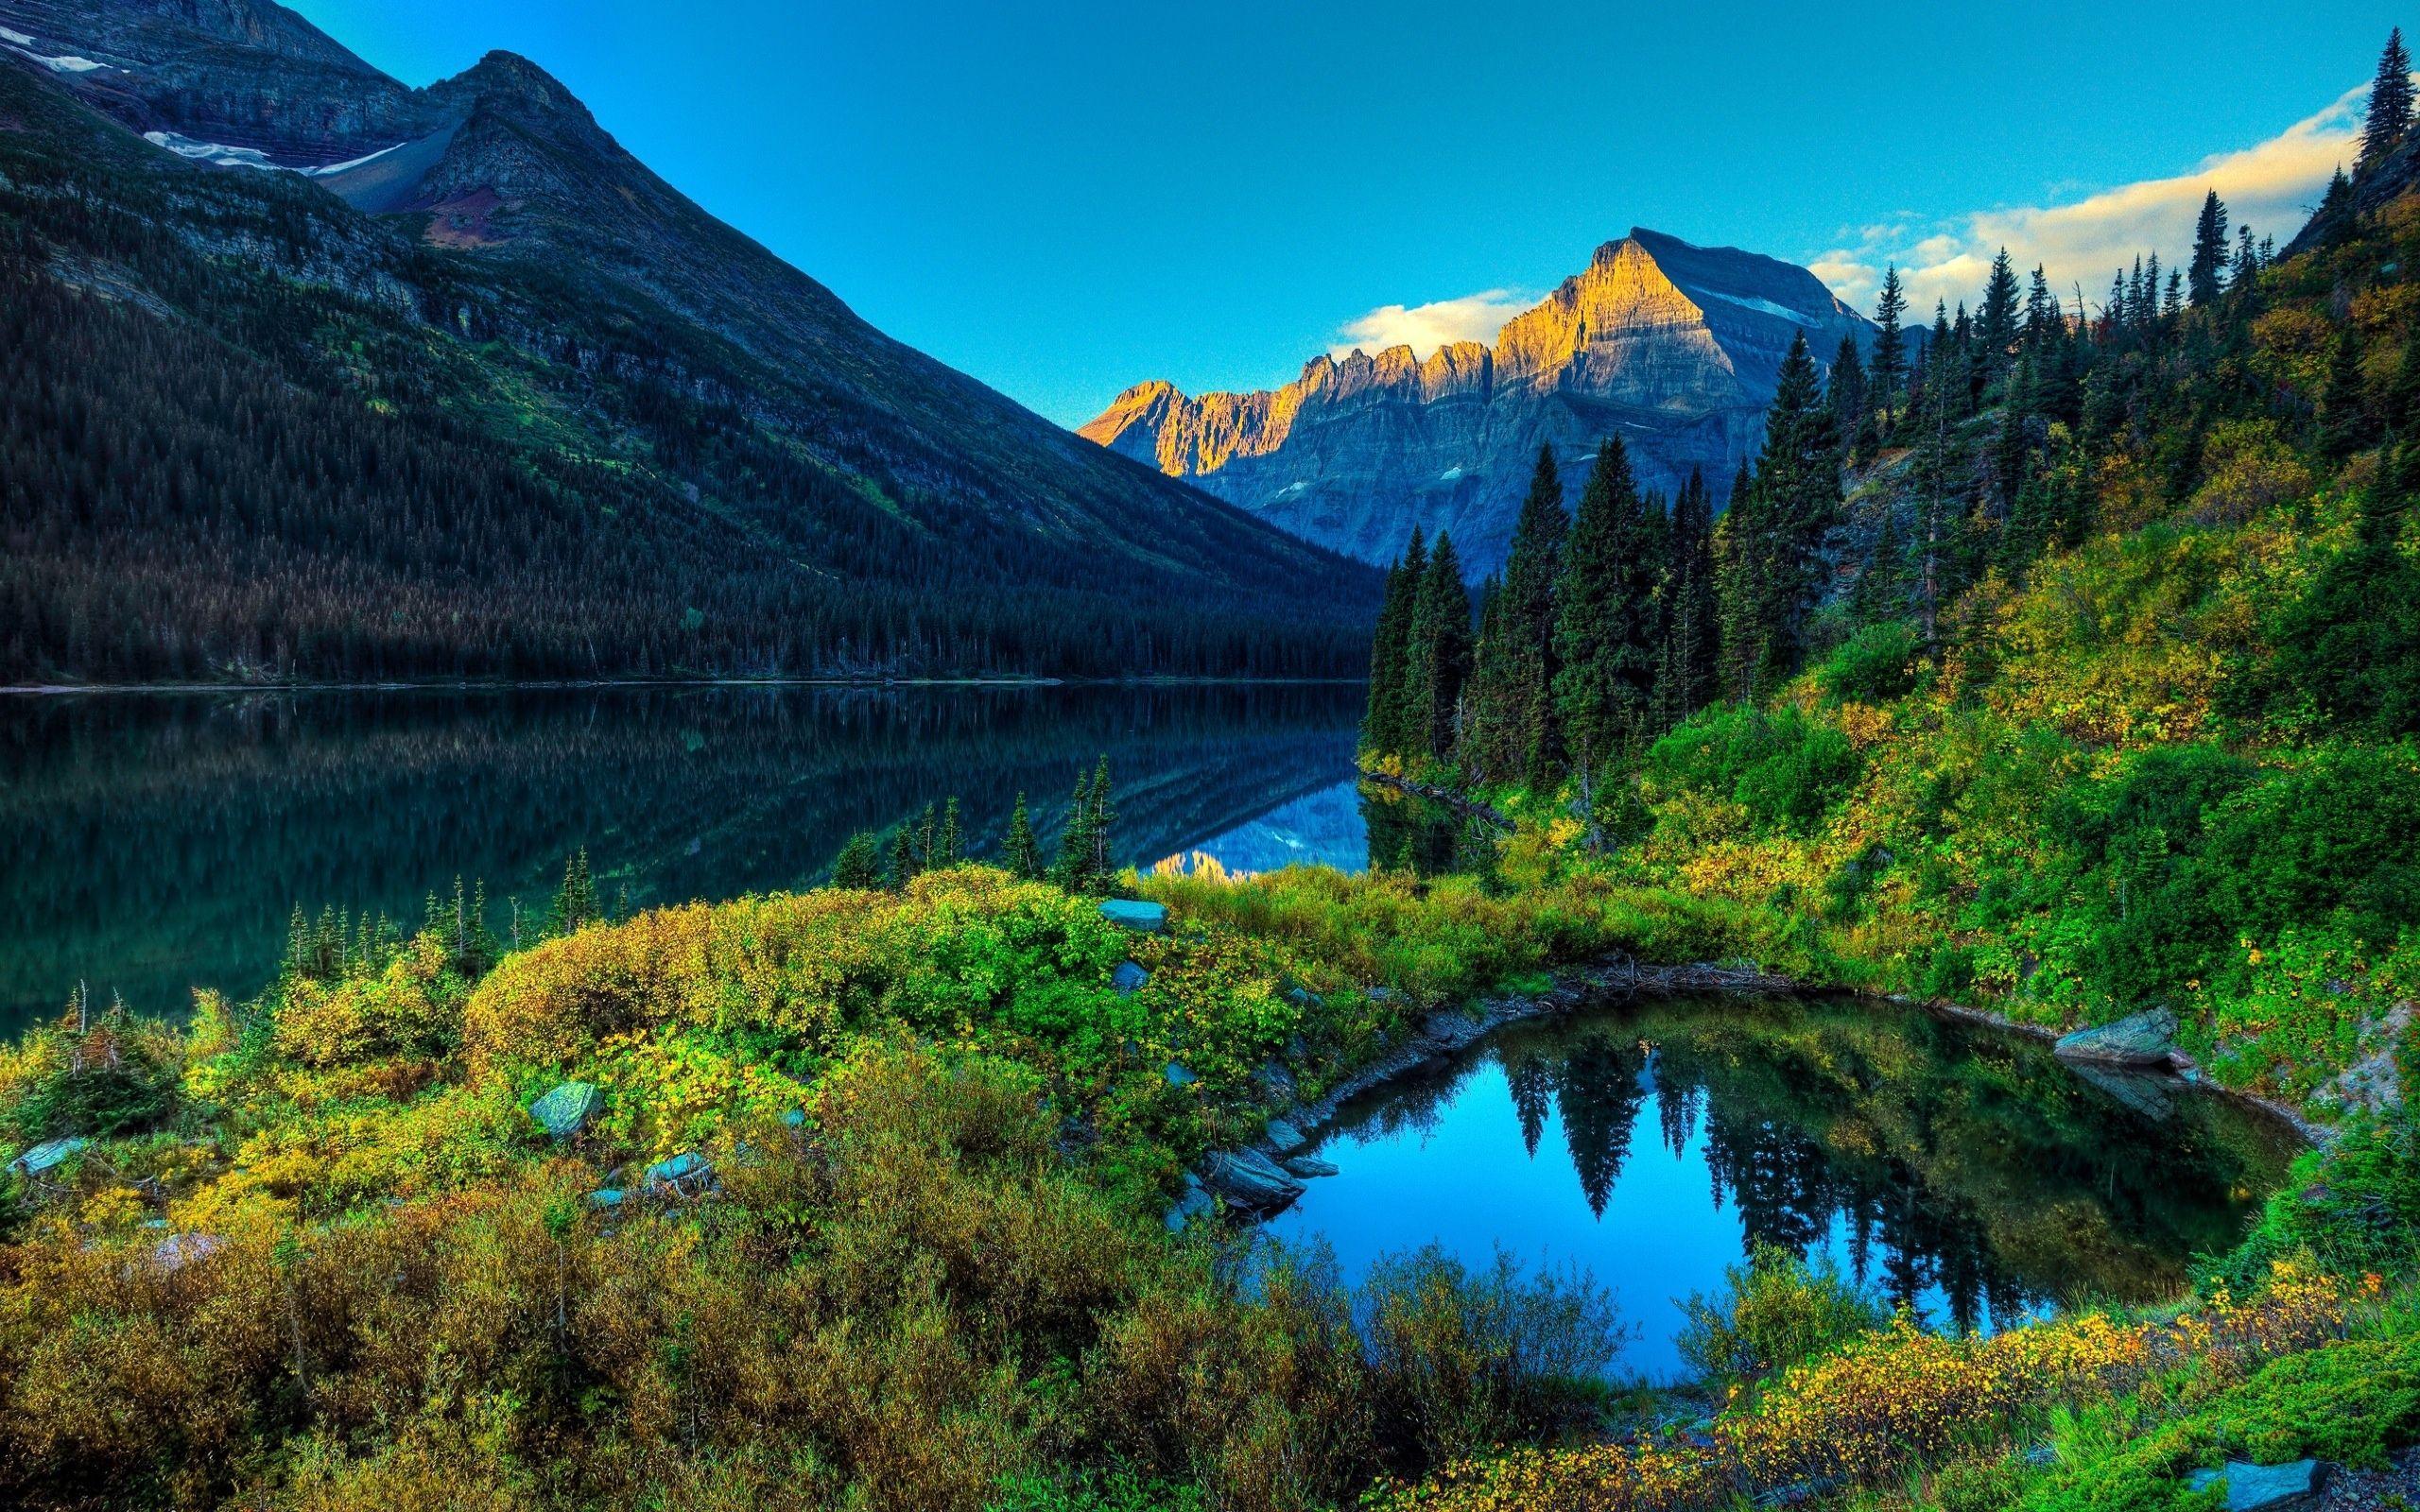 best scenery wallpapers top